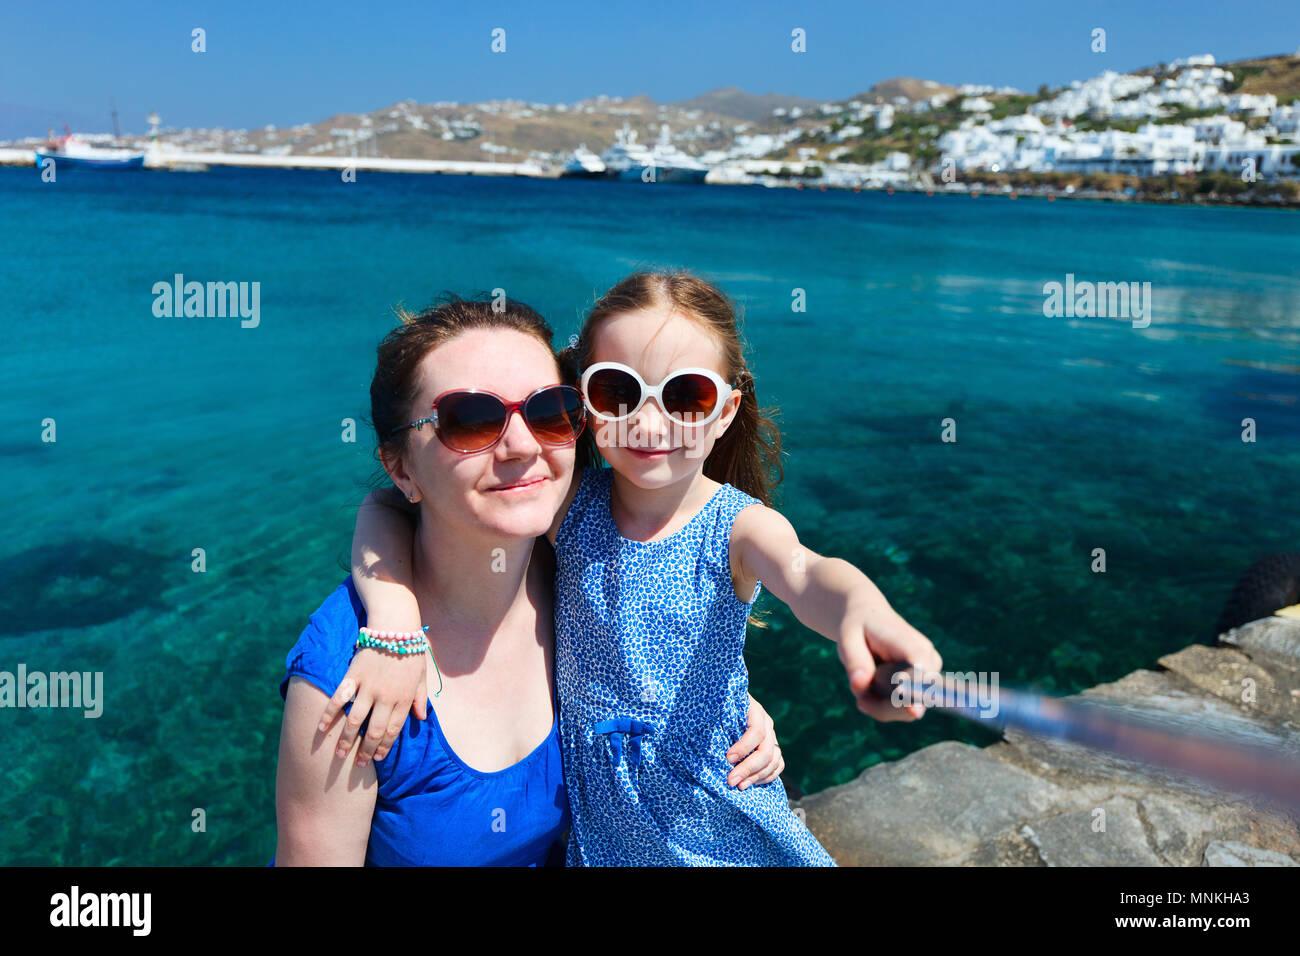 Famille heureuse mère et son adorable petite fille en vacances en tenant un bâton avec selfies sur l'île de Mykonos, Grèce Banque D'Images